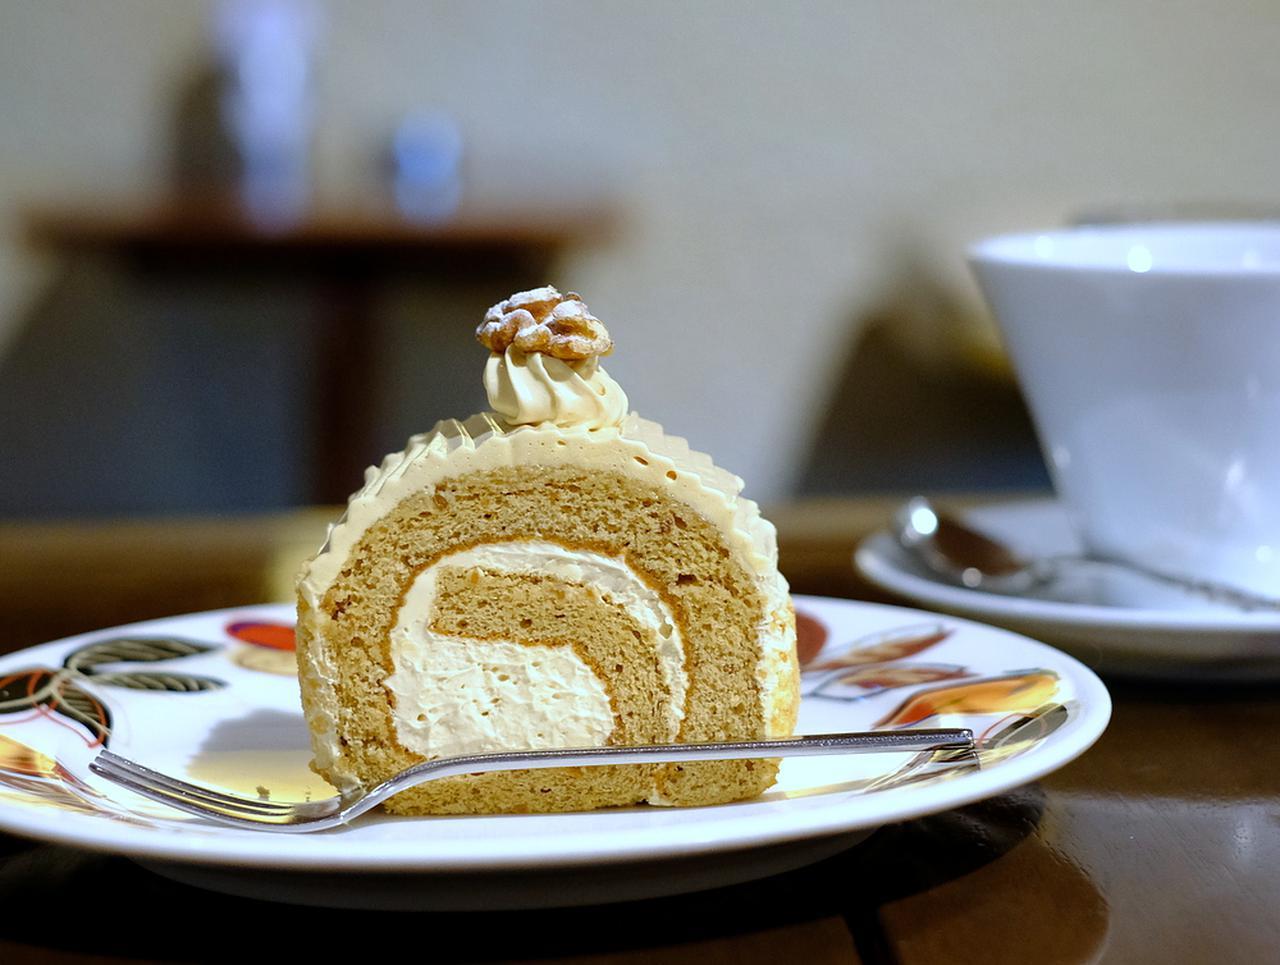 画像: ロールケーキ「ノア」。くるみを混ぜ込んだ生地でバタークリームをくるんだケーキです。